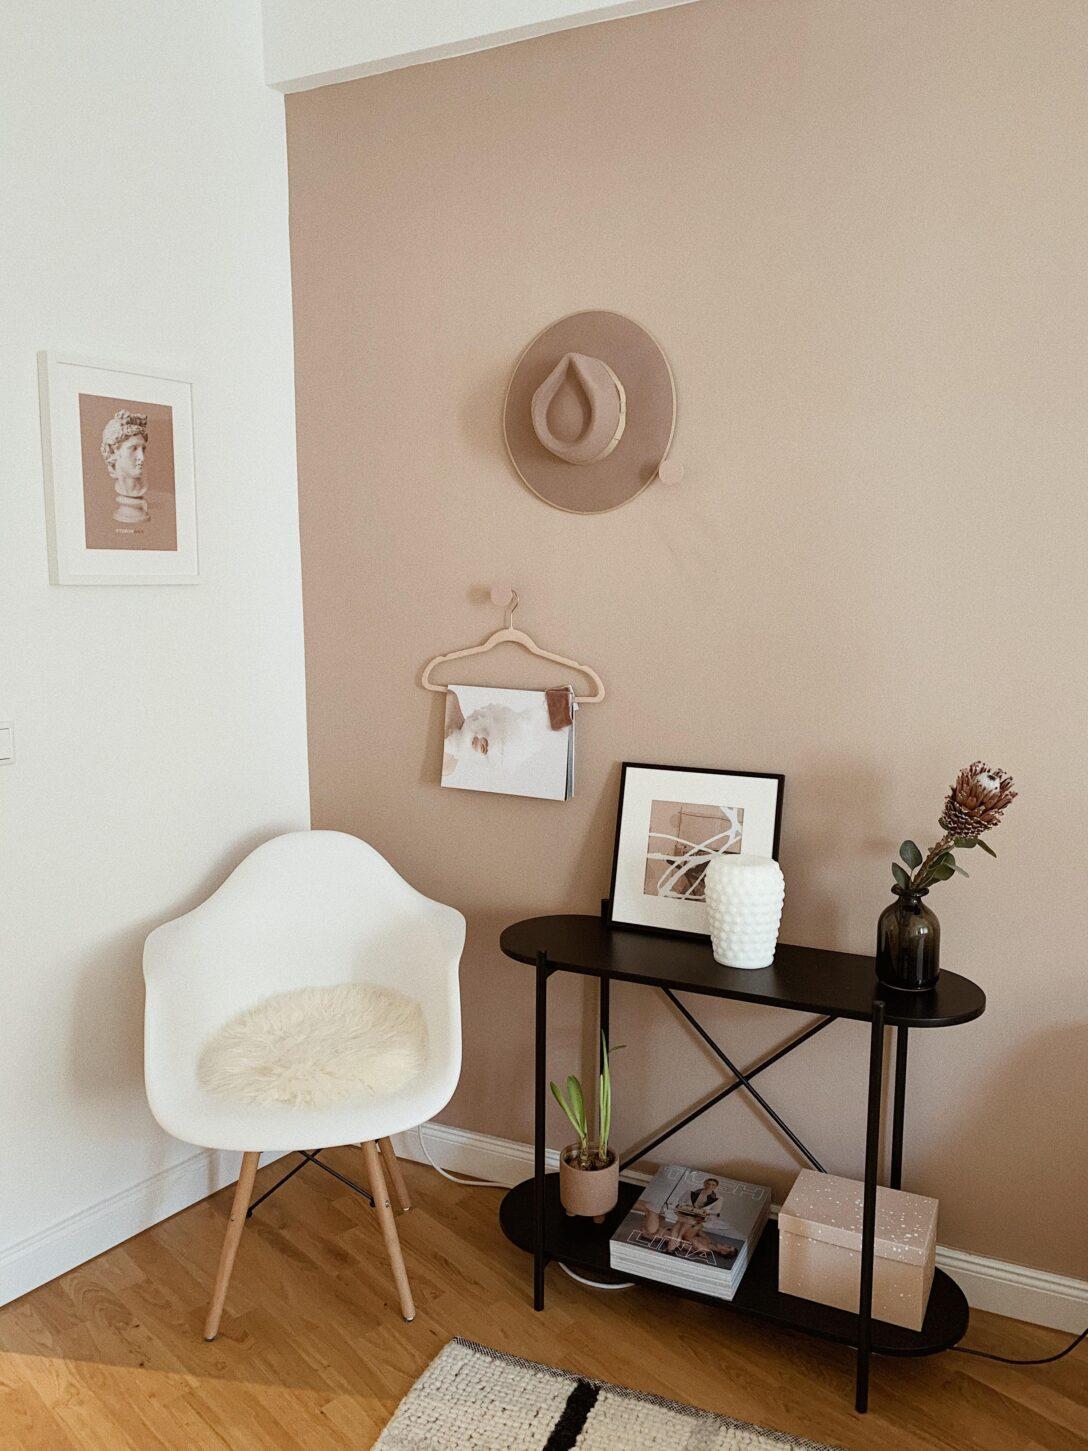 Large Size of Wanddeko Schlafzimmer Diy Selber Machen Wanddekoration Holz Modern Ideen Amazon Moderne Livingchallenge Couch Klimagerät Für Komplettangebote Deckenleuchte Wohnzimmer Wanddeko Schlafzimmer